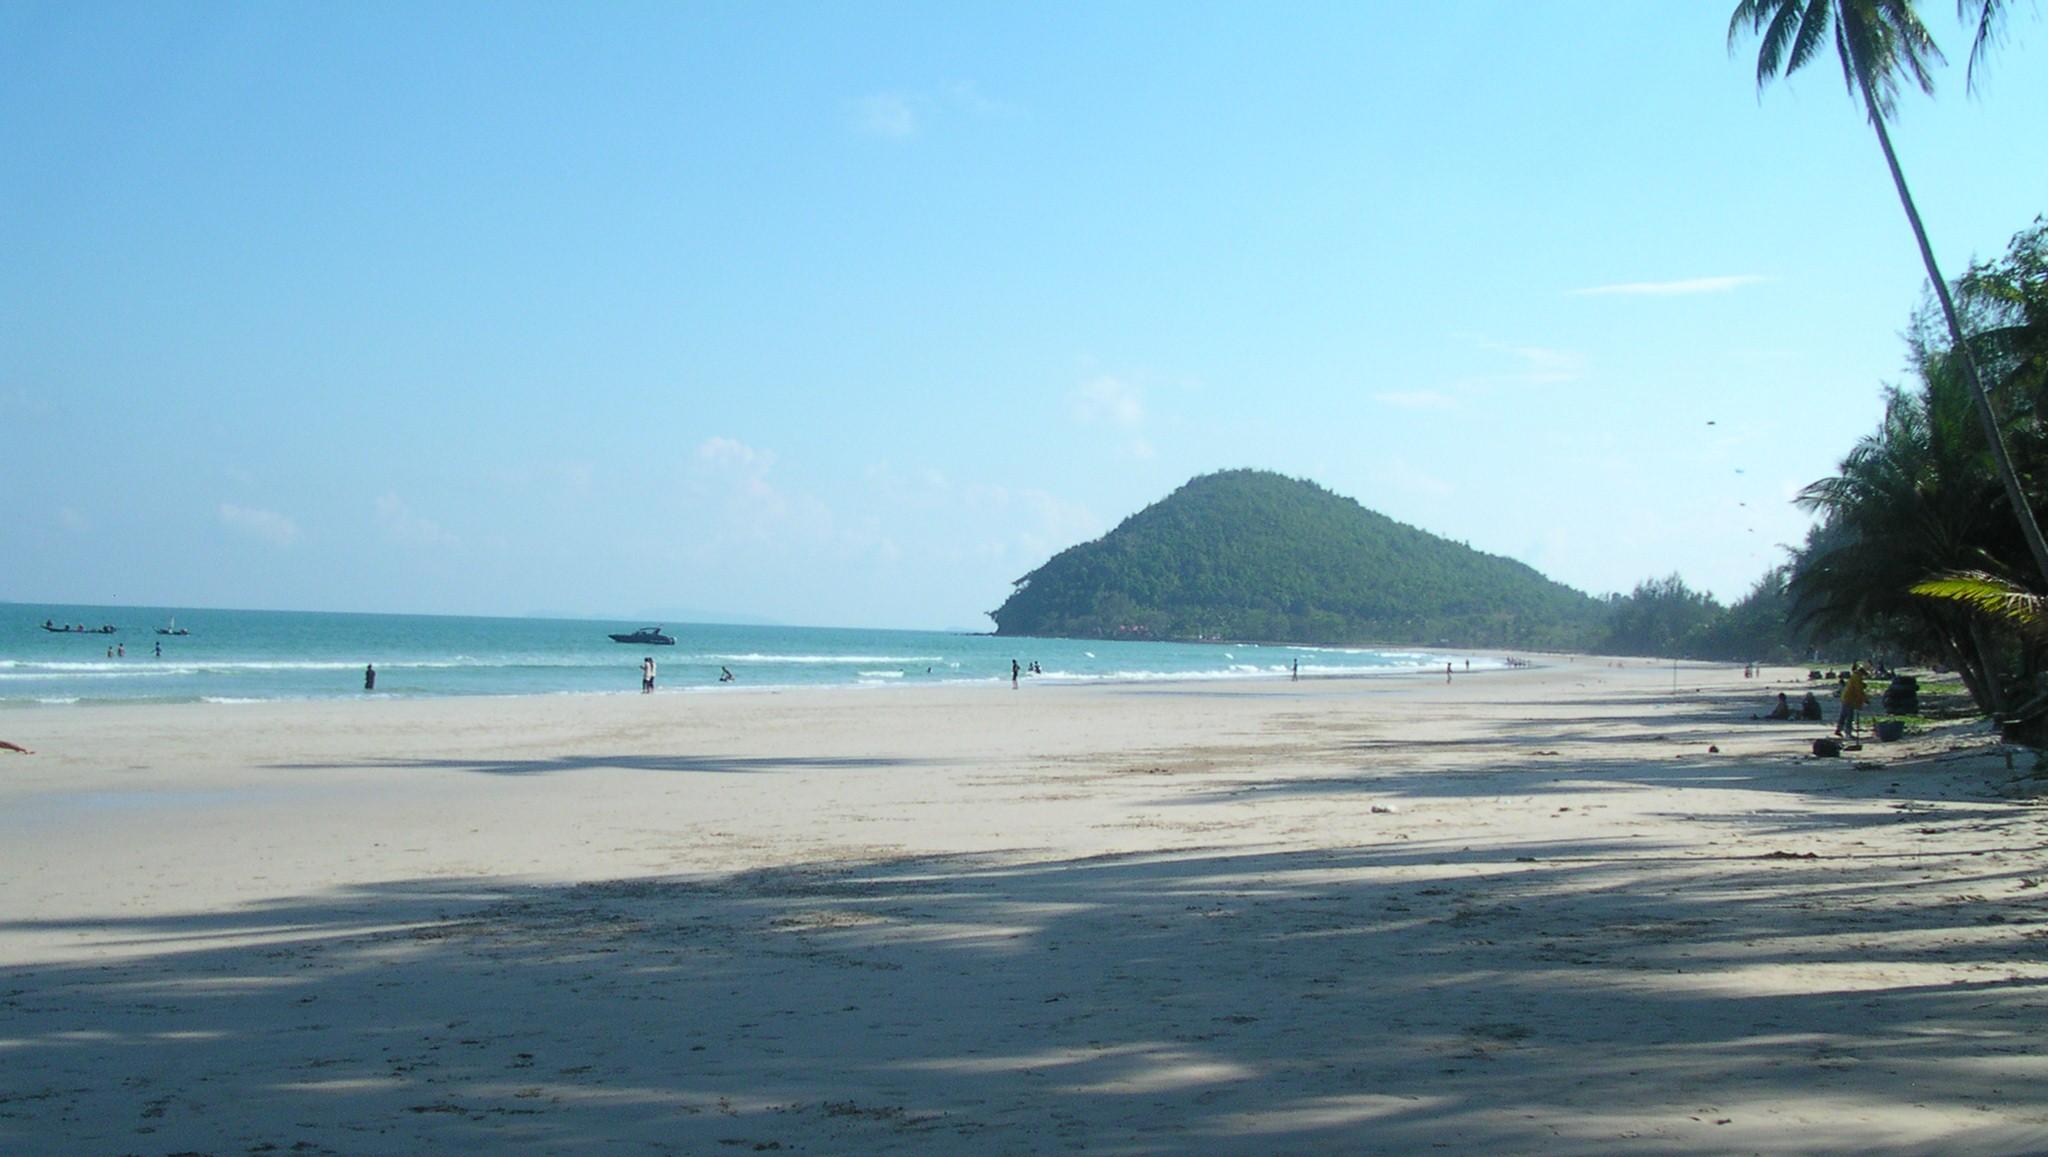 spiaggia16.91